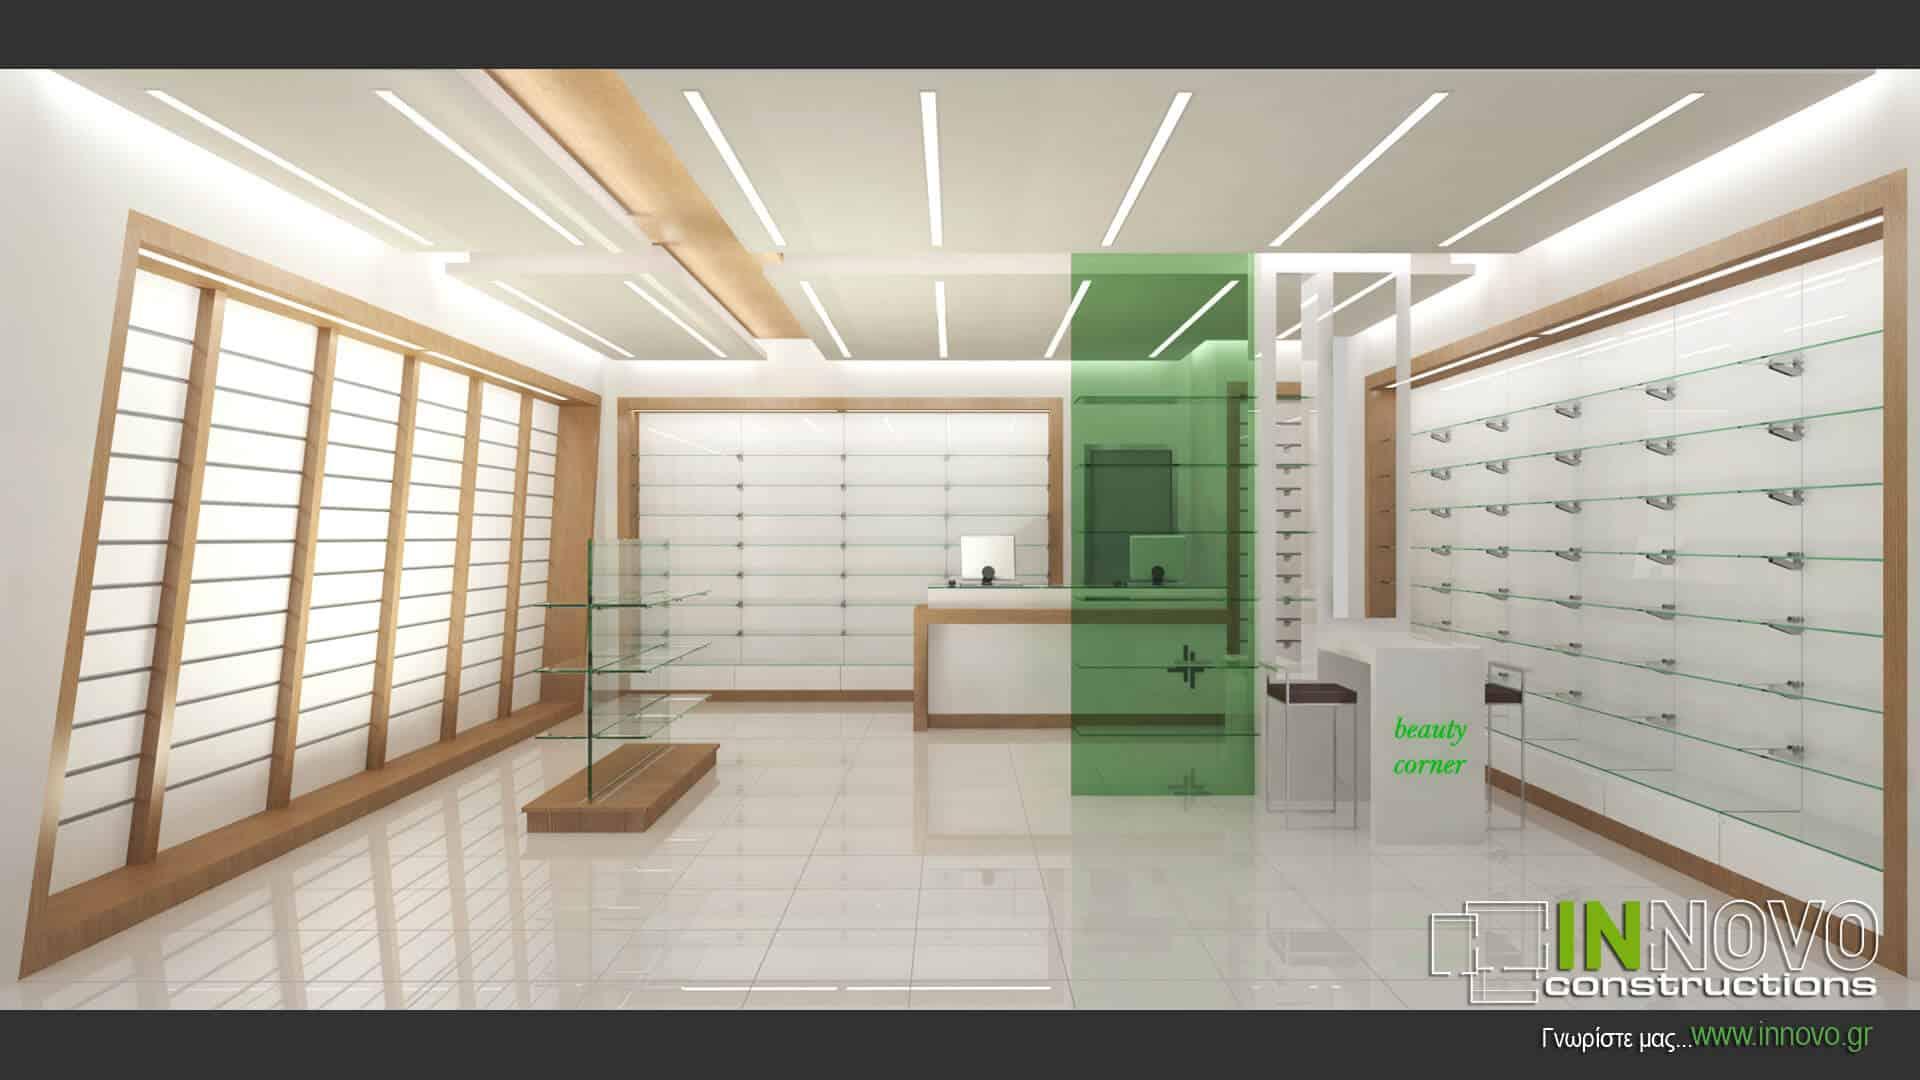 Μελέτη ανακαίνισης φαρμακείου στην Αθήνα